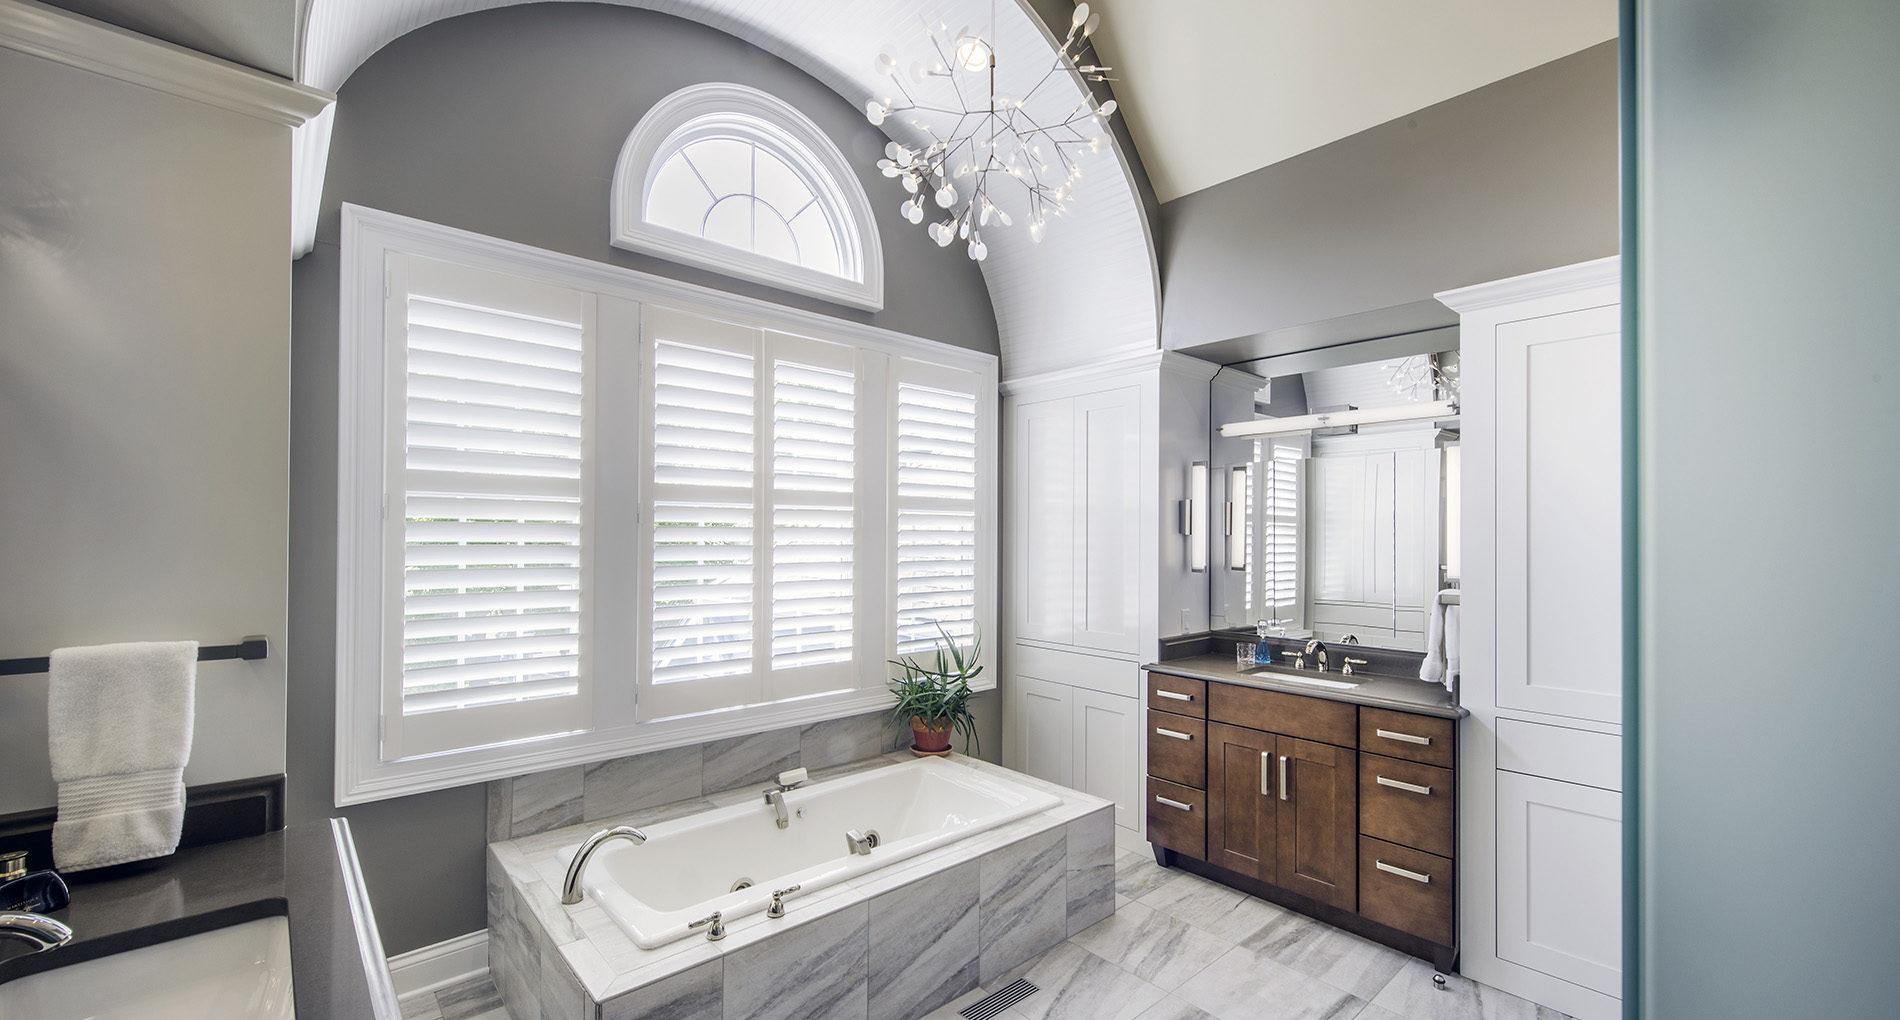 Bathroom Remodel Hudson Bratenahlcluster Slider